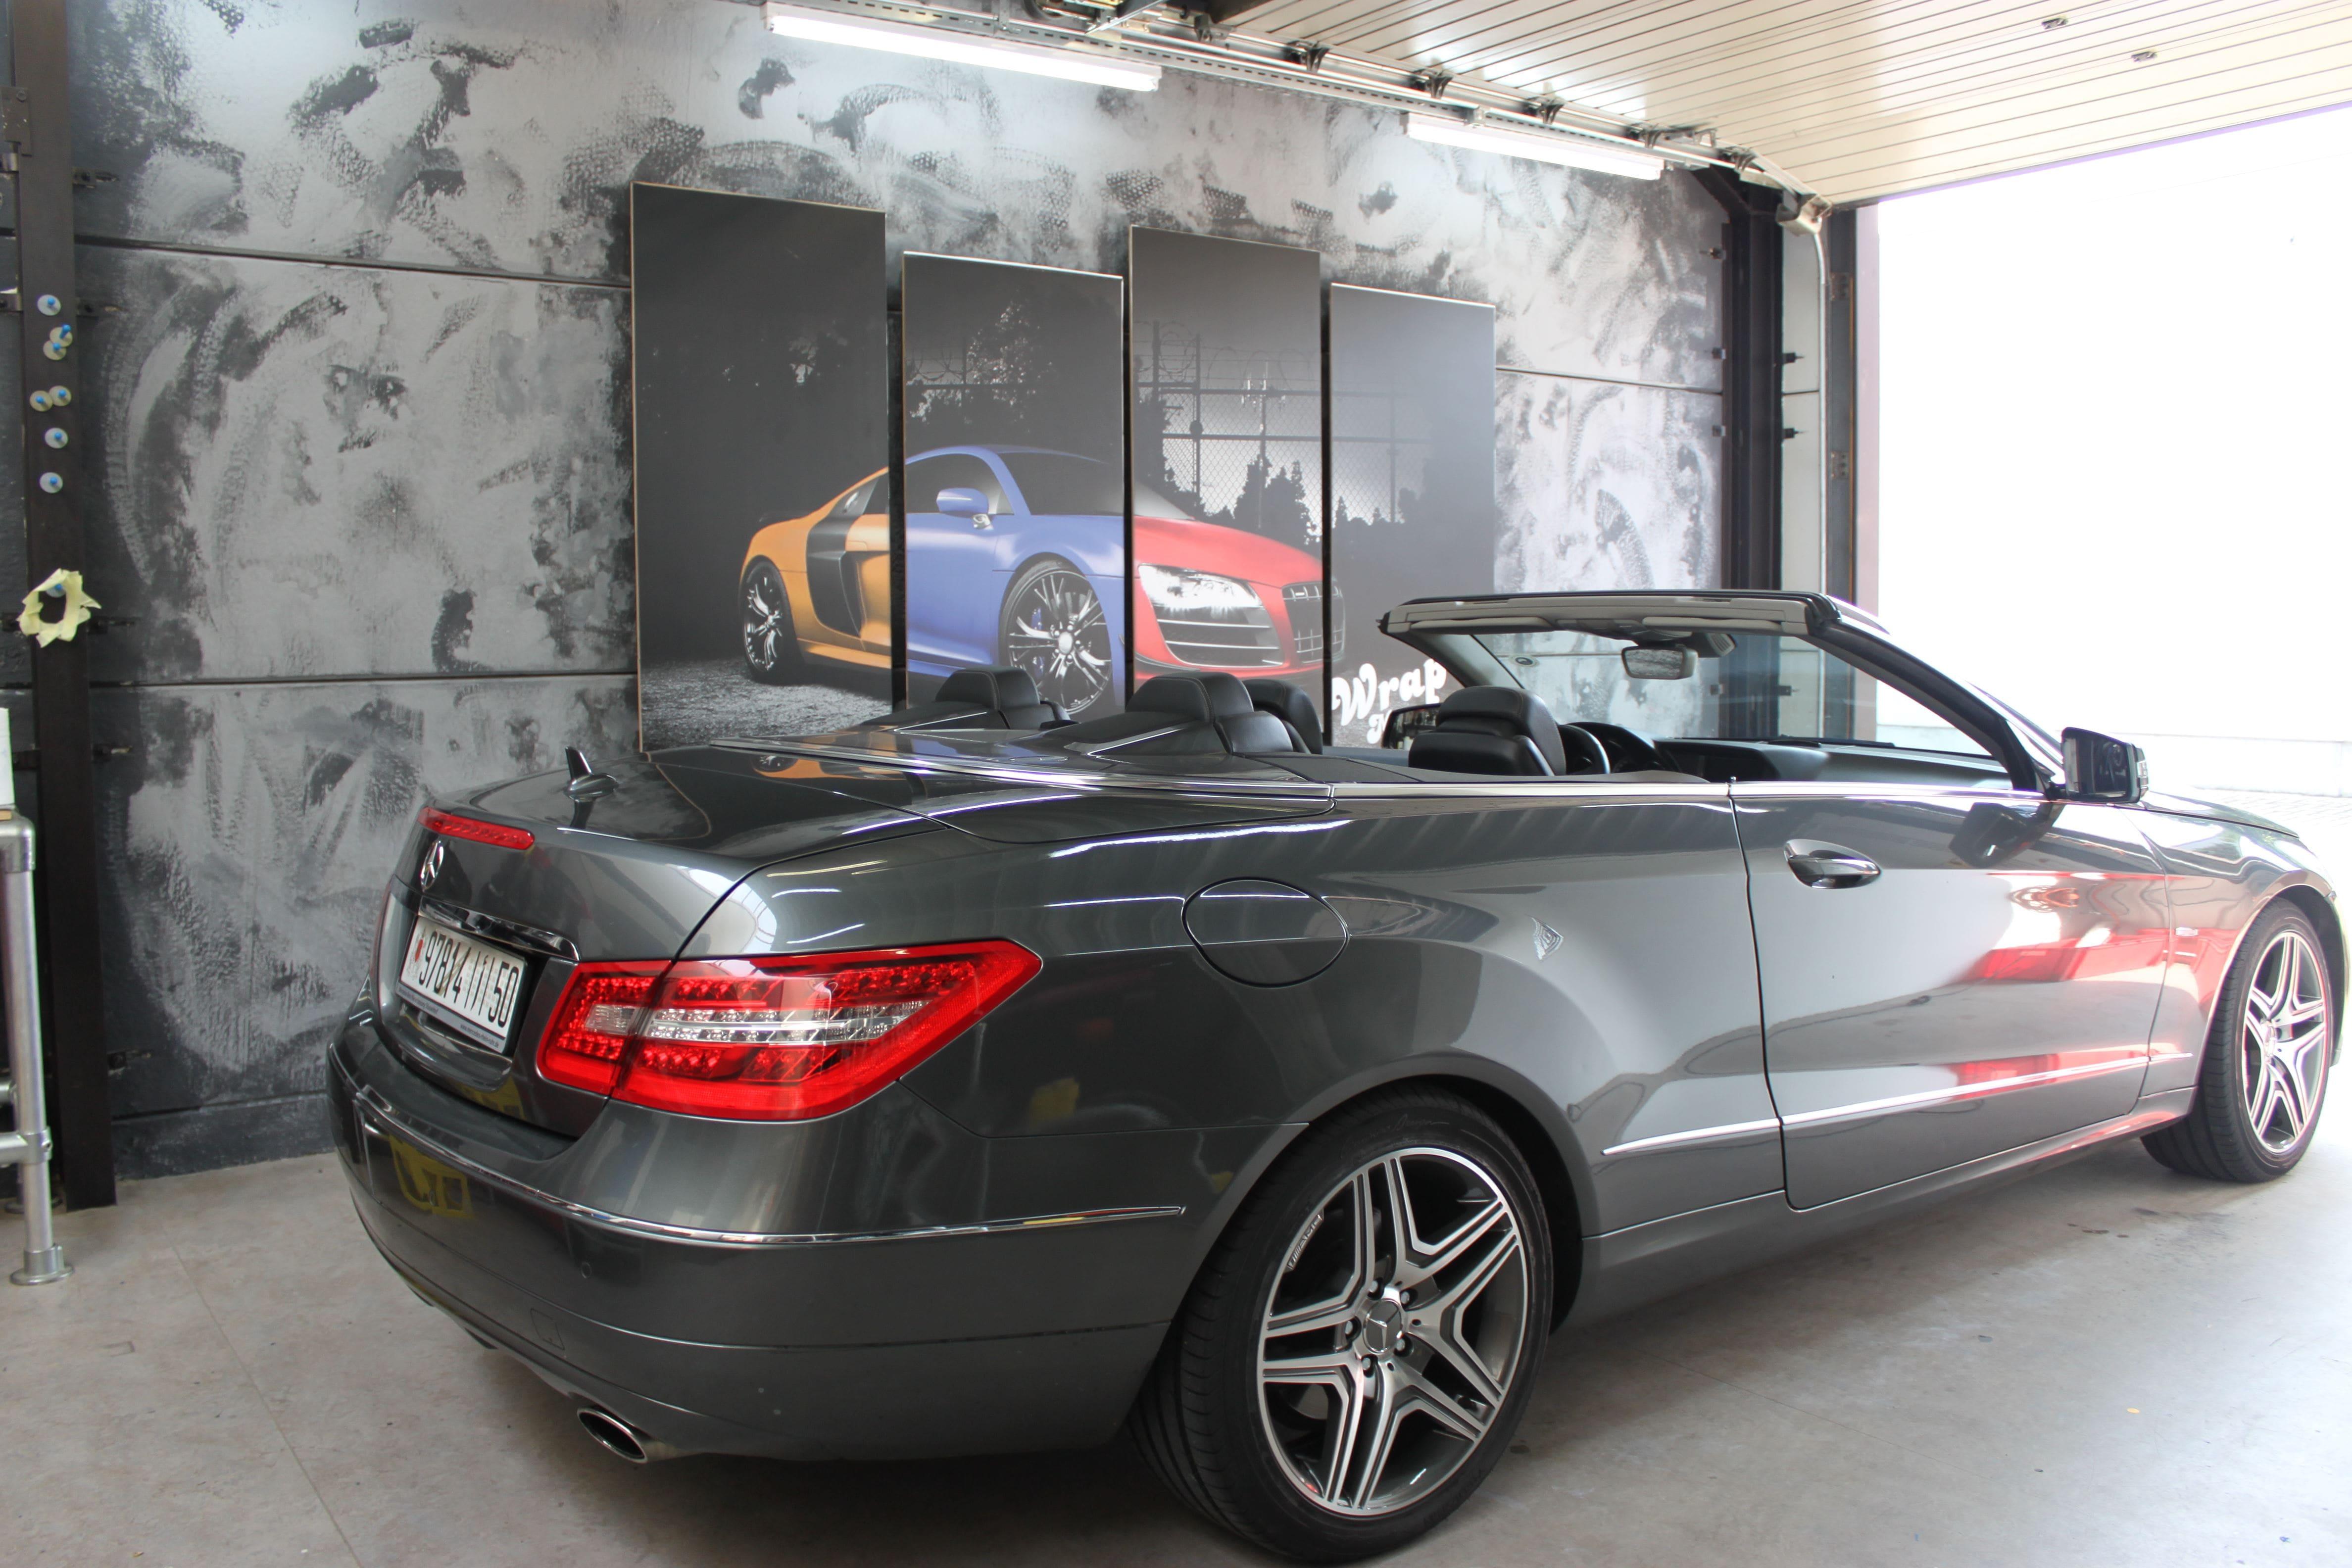 Mercedes E-Klasse Cabrio met Gunpowder Wrap, Carwrapping door Wrapmyride.nu Foto-nr:6248, ©2020